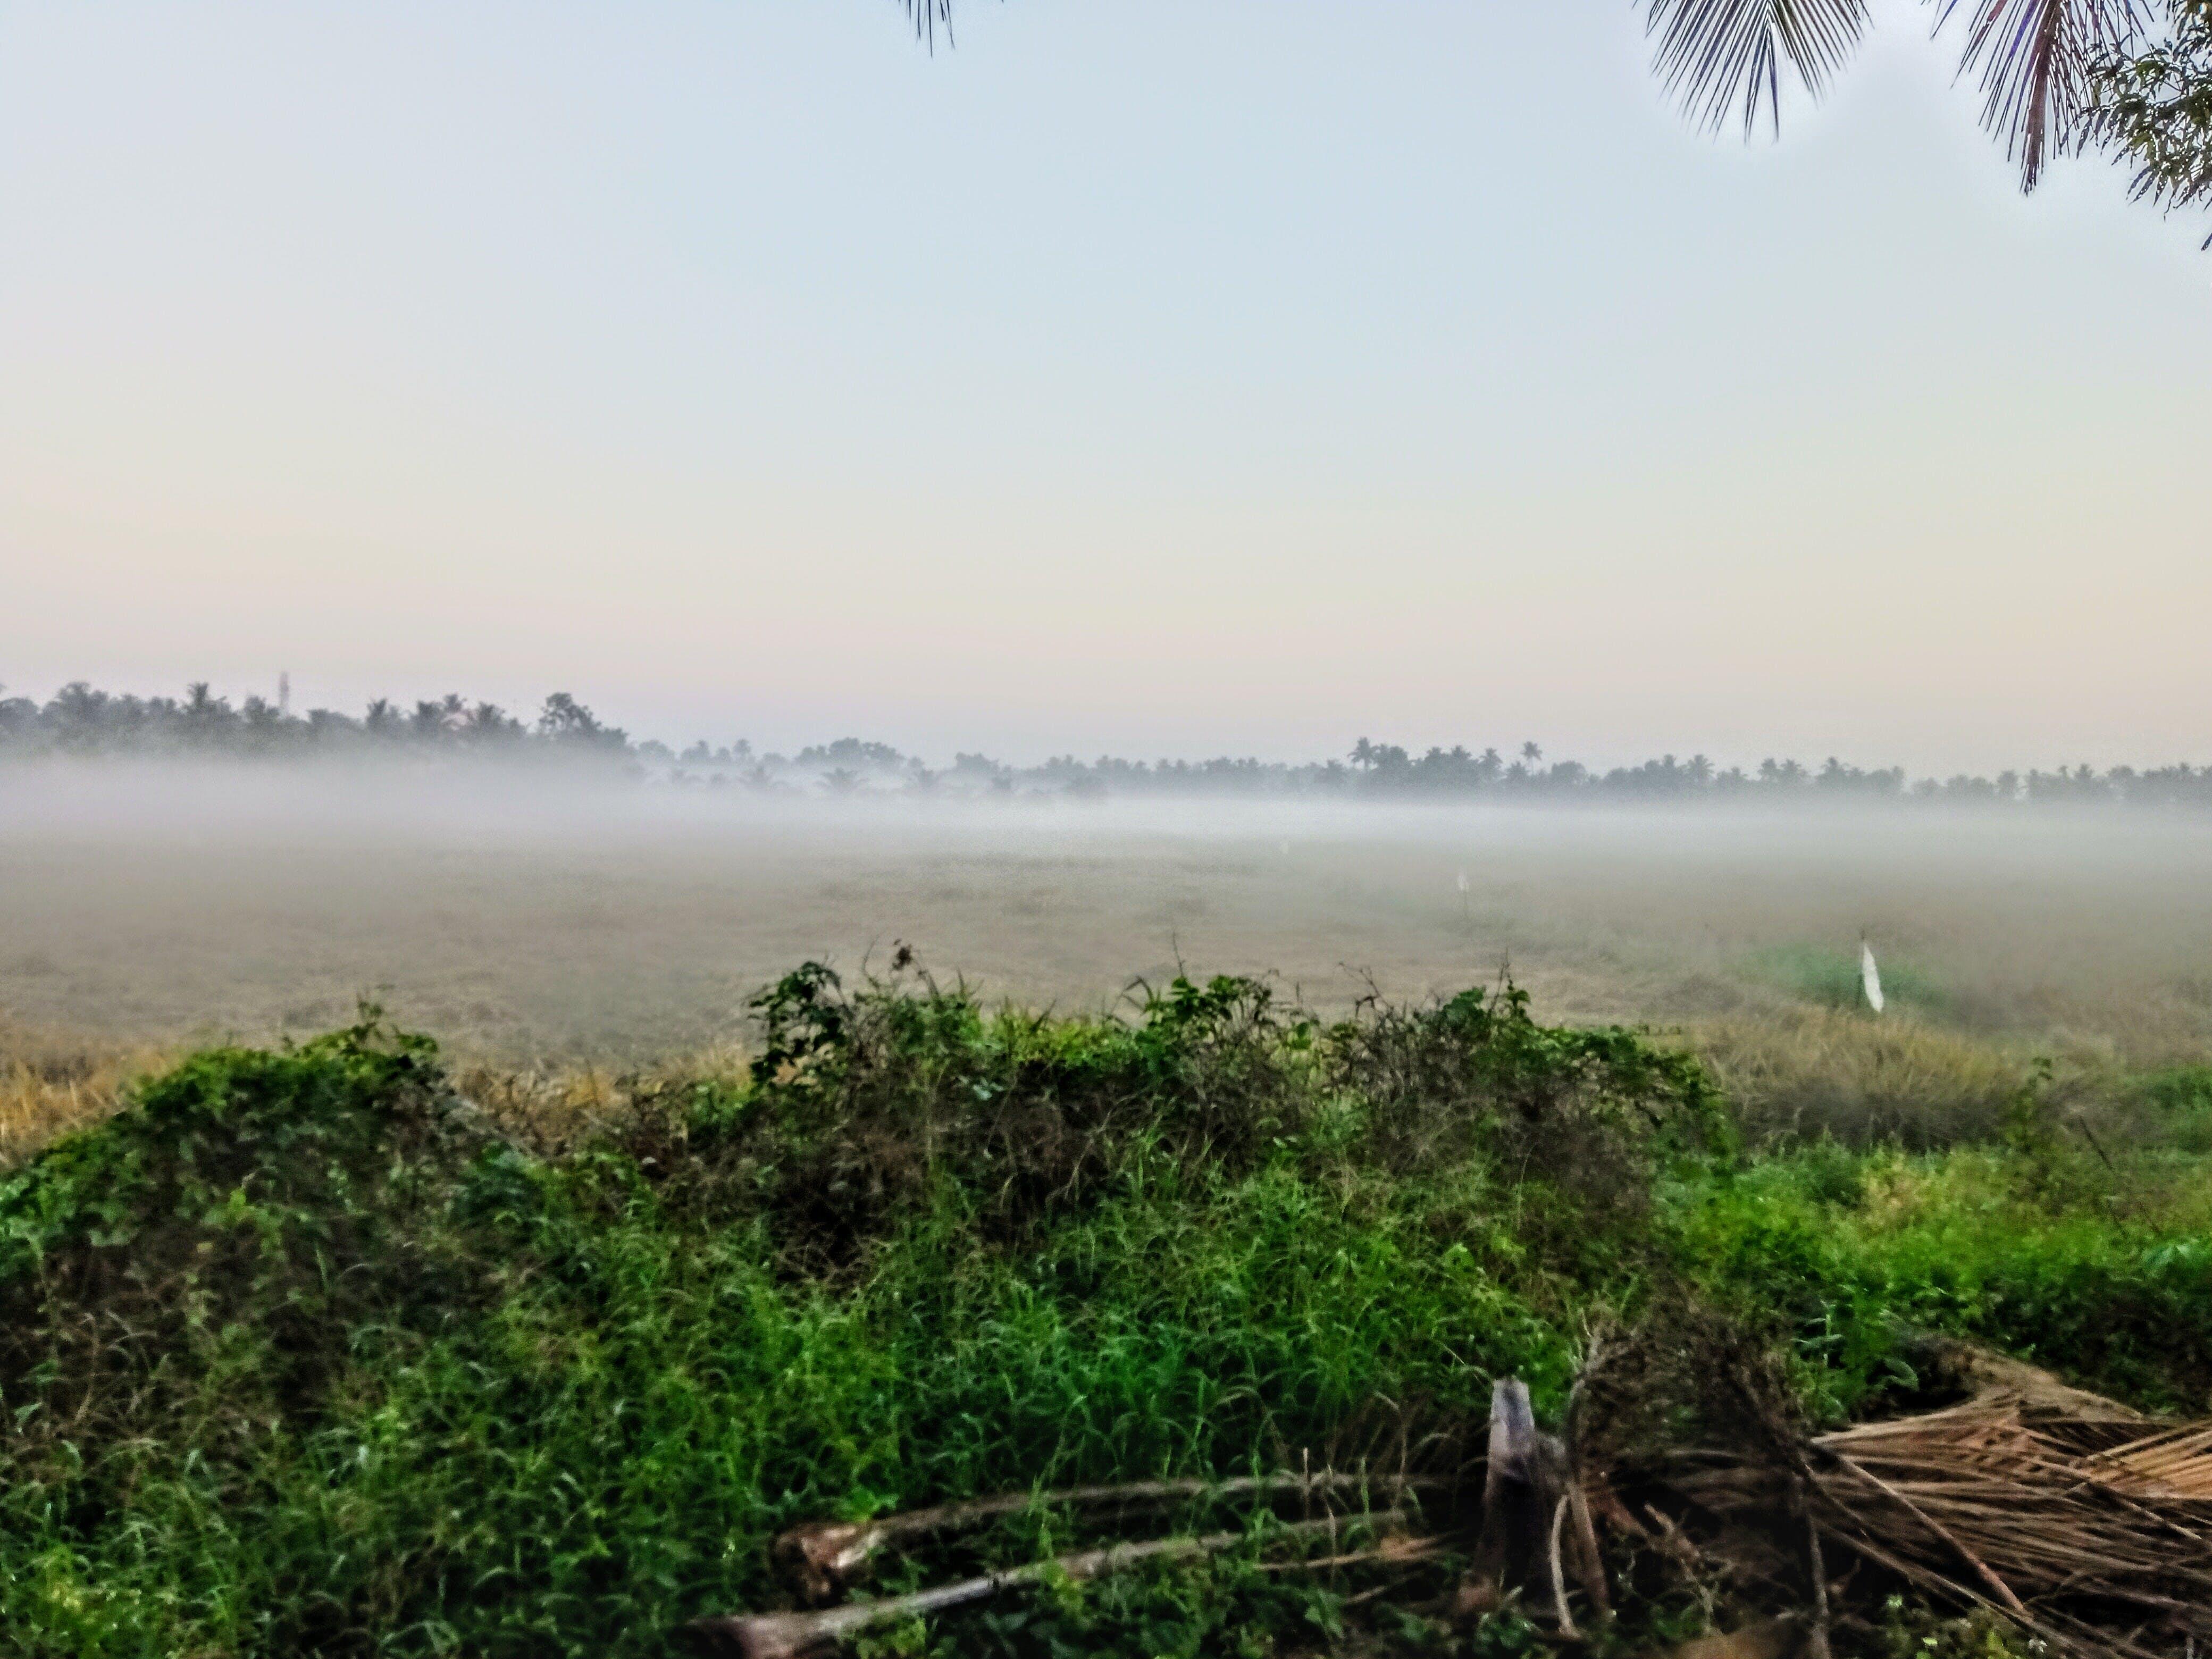 Free stock photo of Foggy landscape, foggy morning, Phone Photography